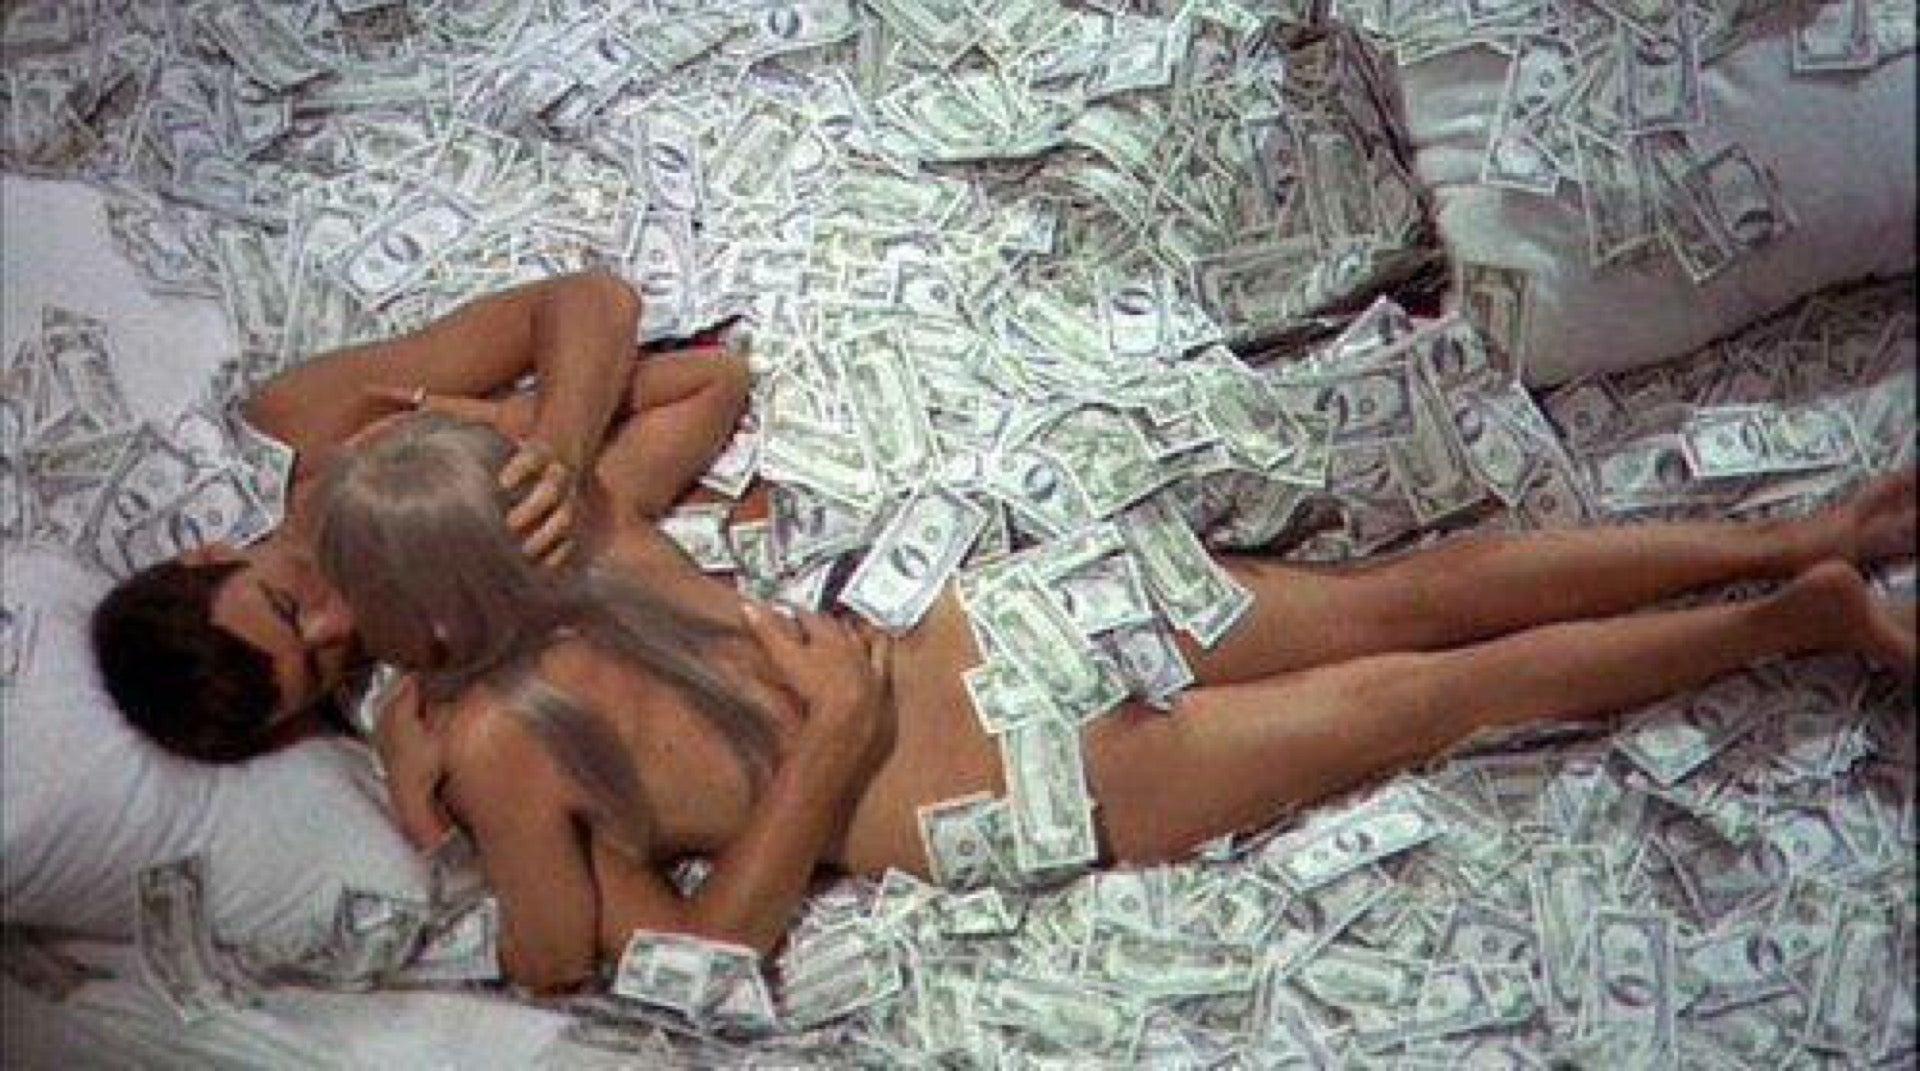 Секс на улицах за деньги 20 фотография